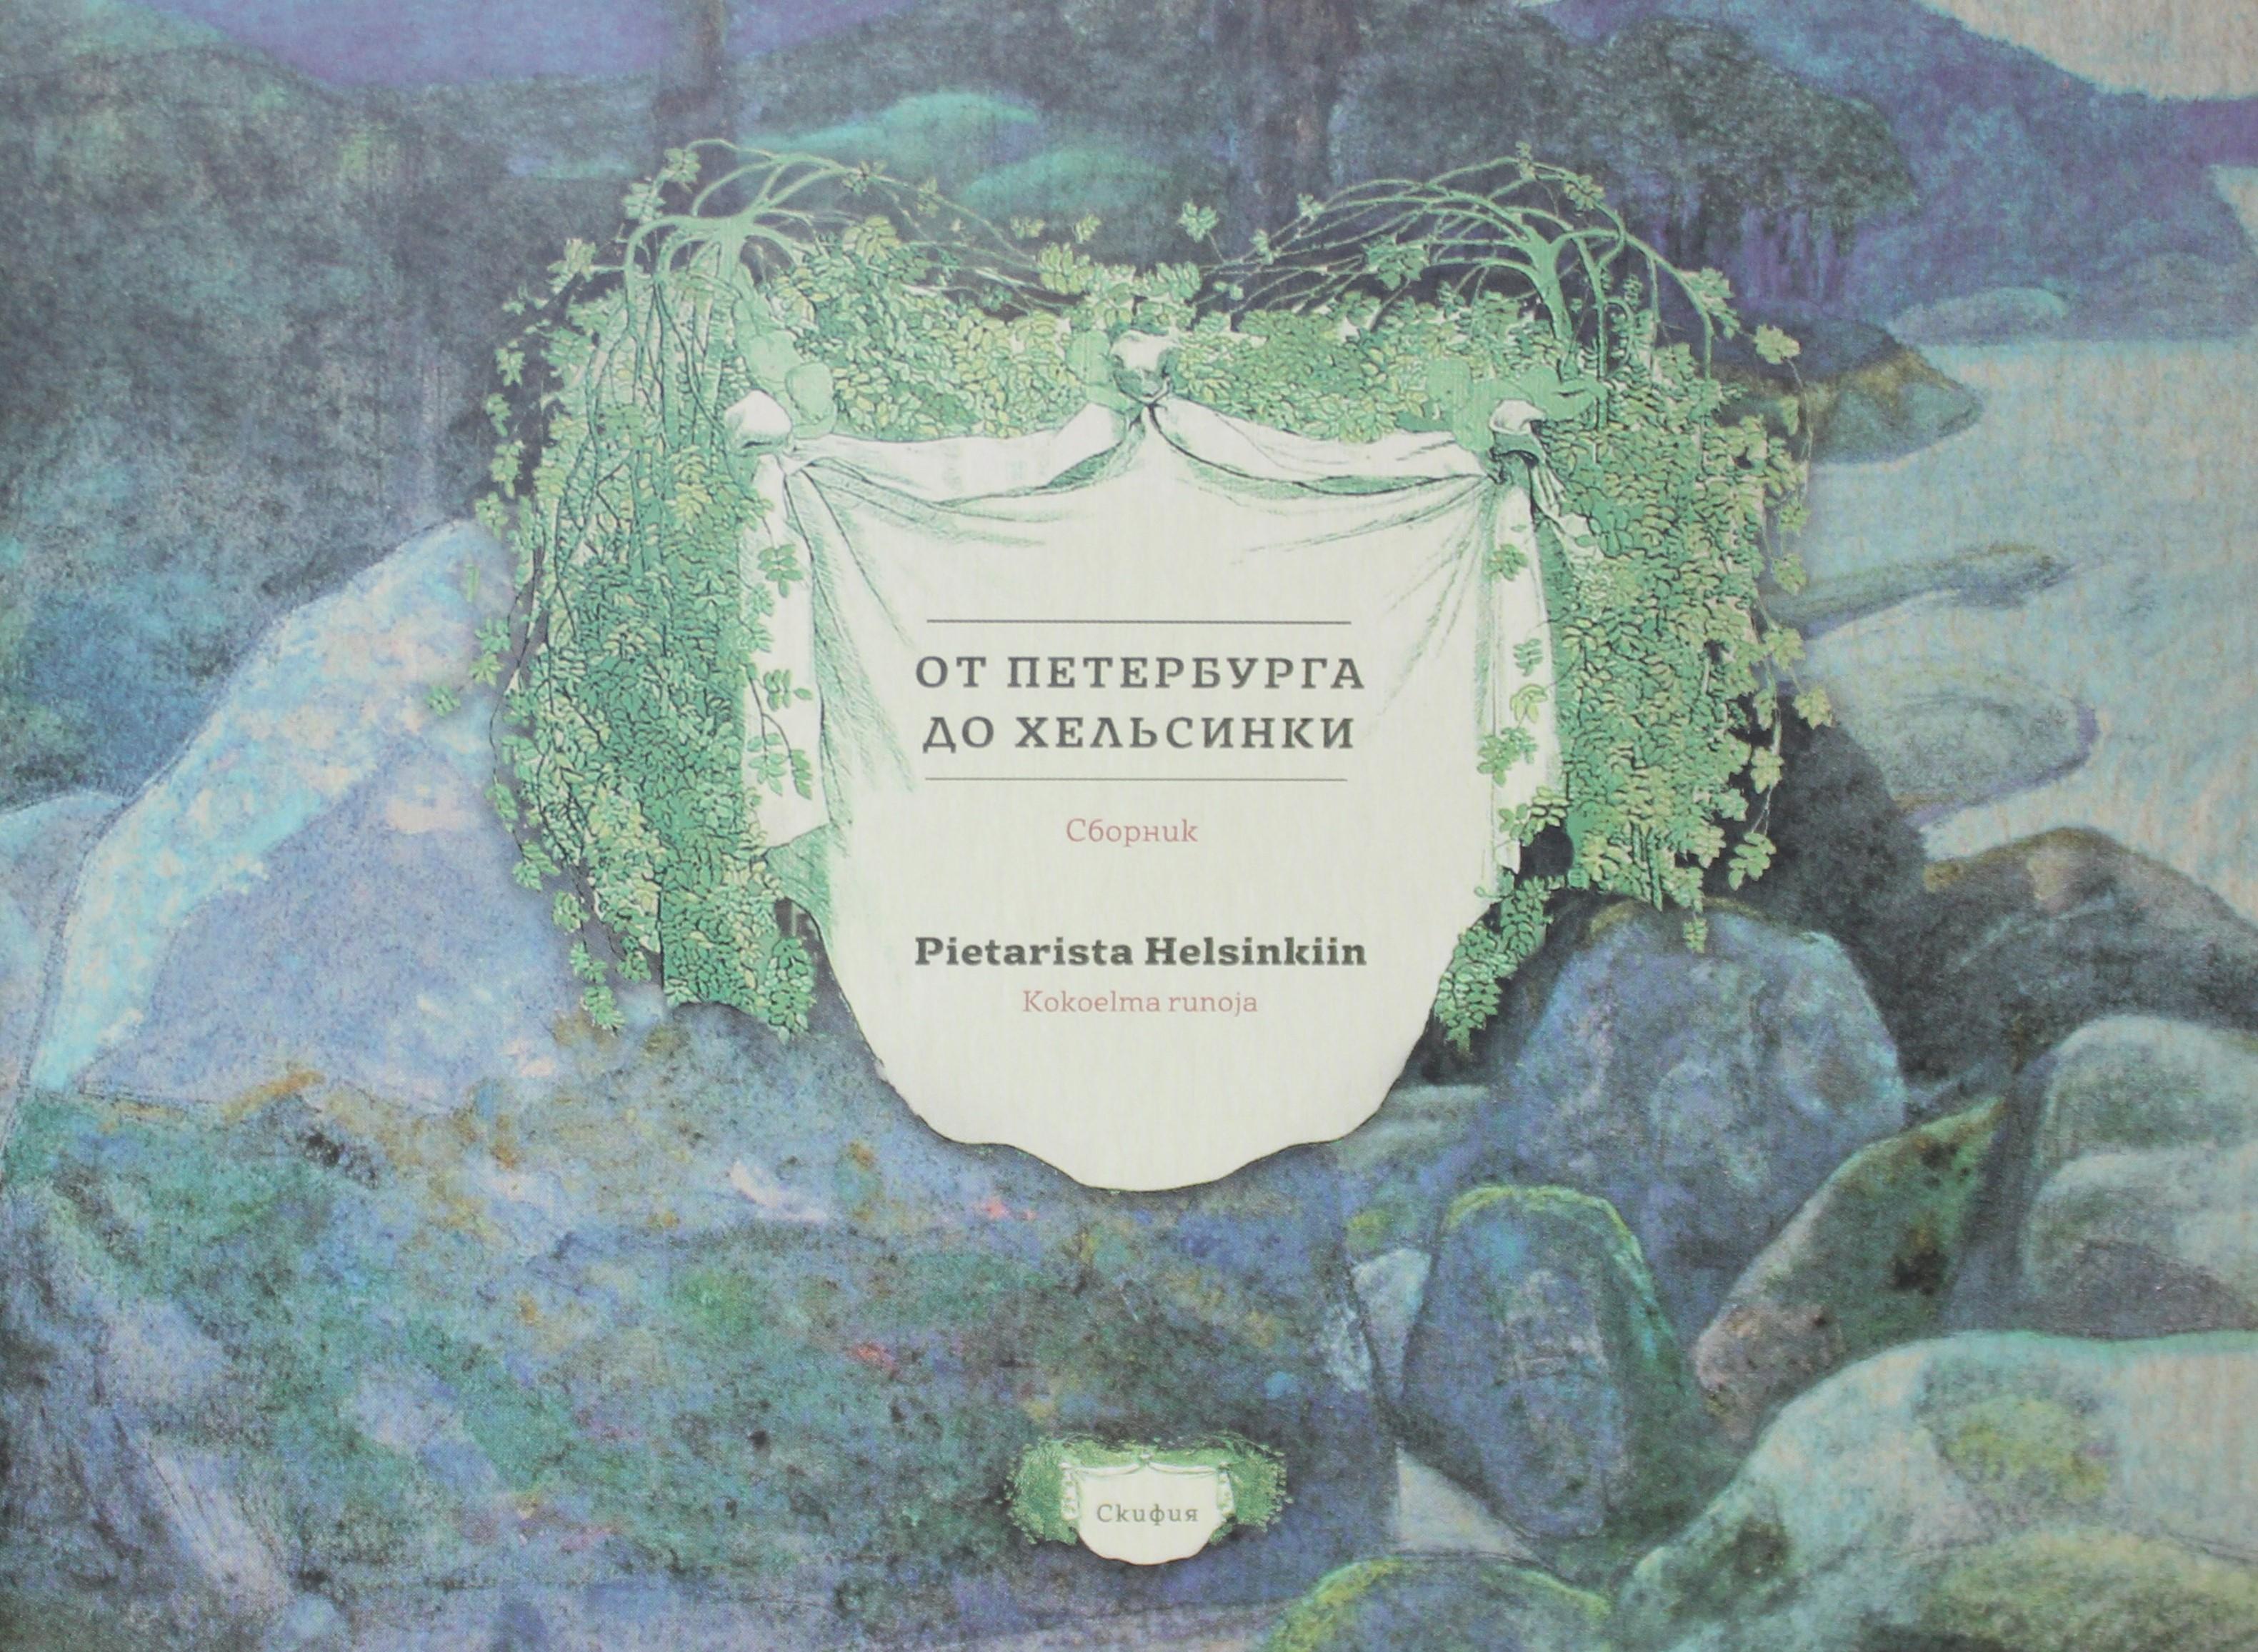 От Петербурга до Хельсинки. Сборник / Pietarista Helsinkiin. Kokoelma runoja